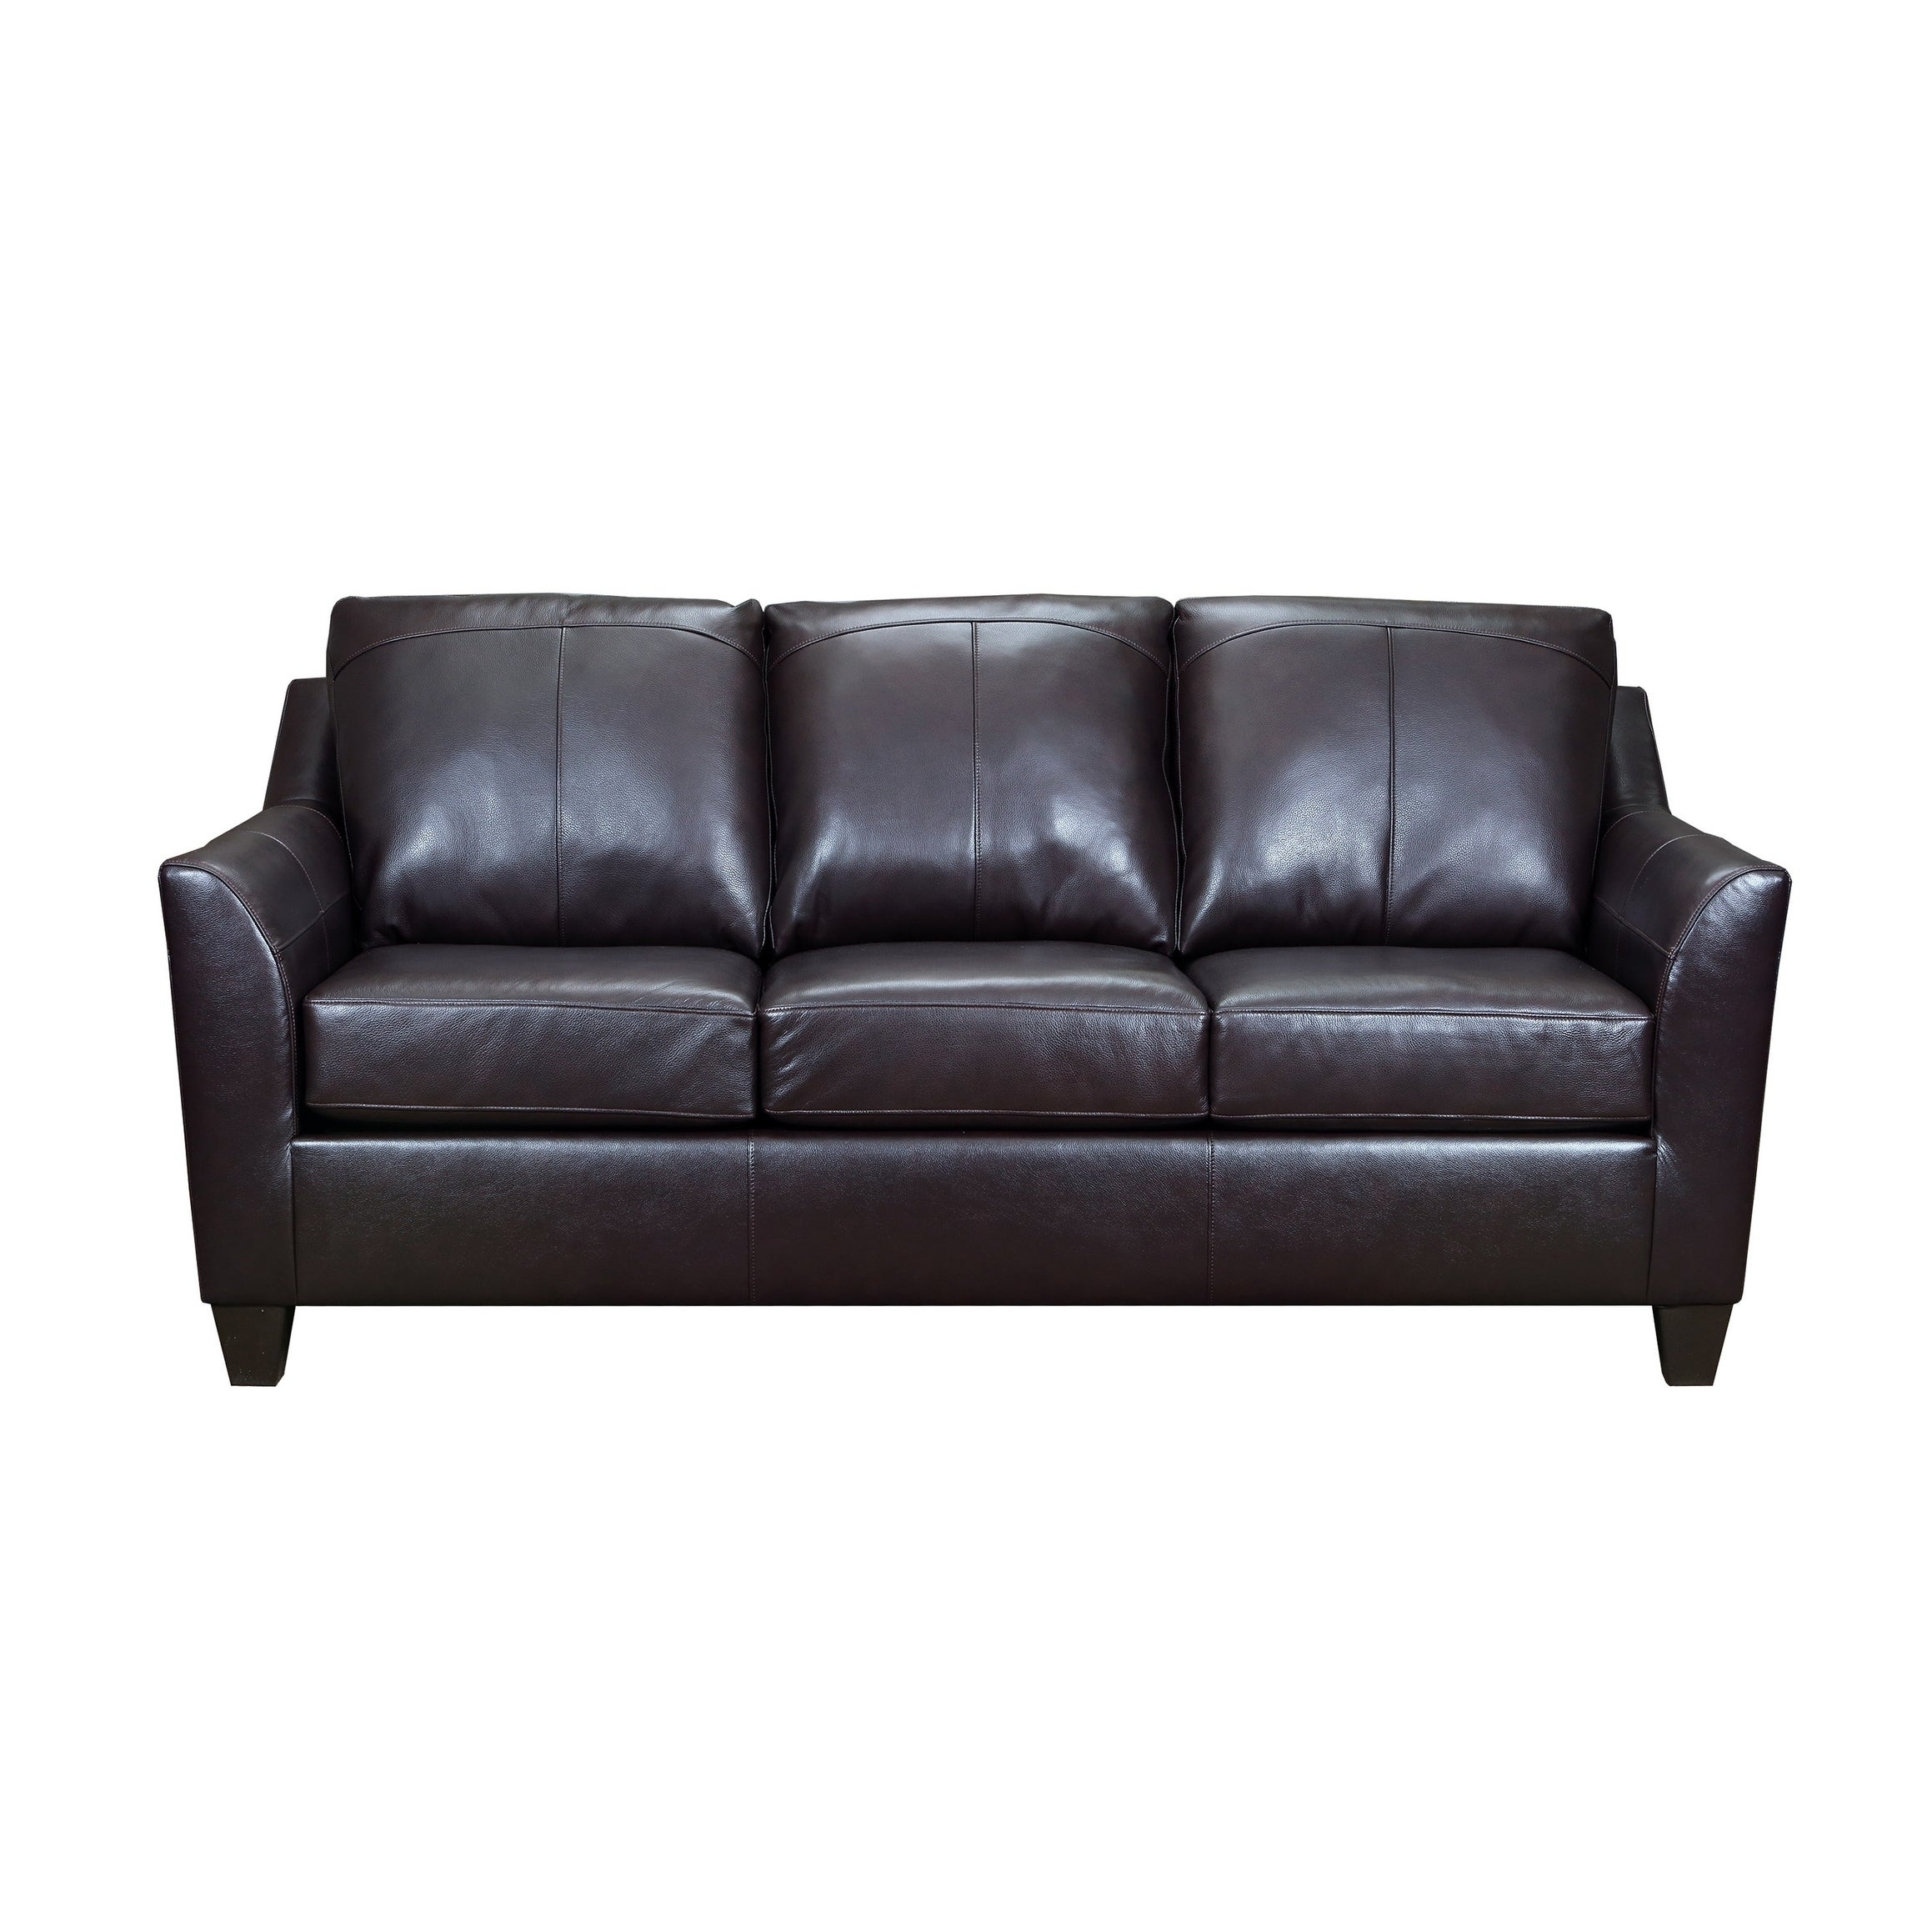 Lance Top Grain Leather Queen Sleeper Sofa